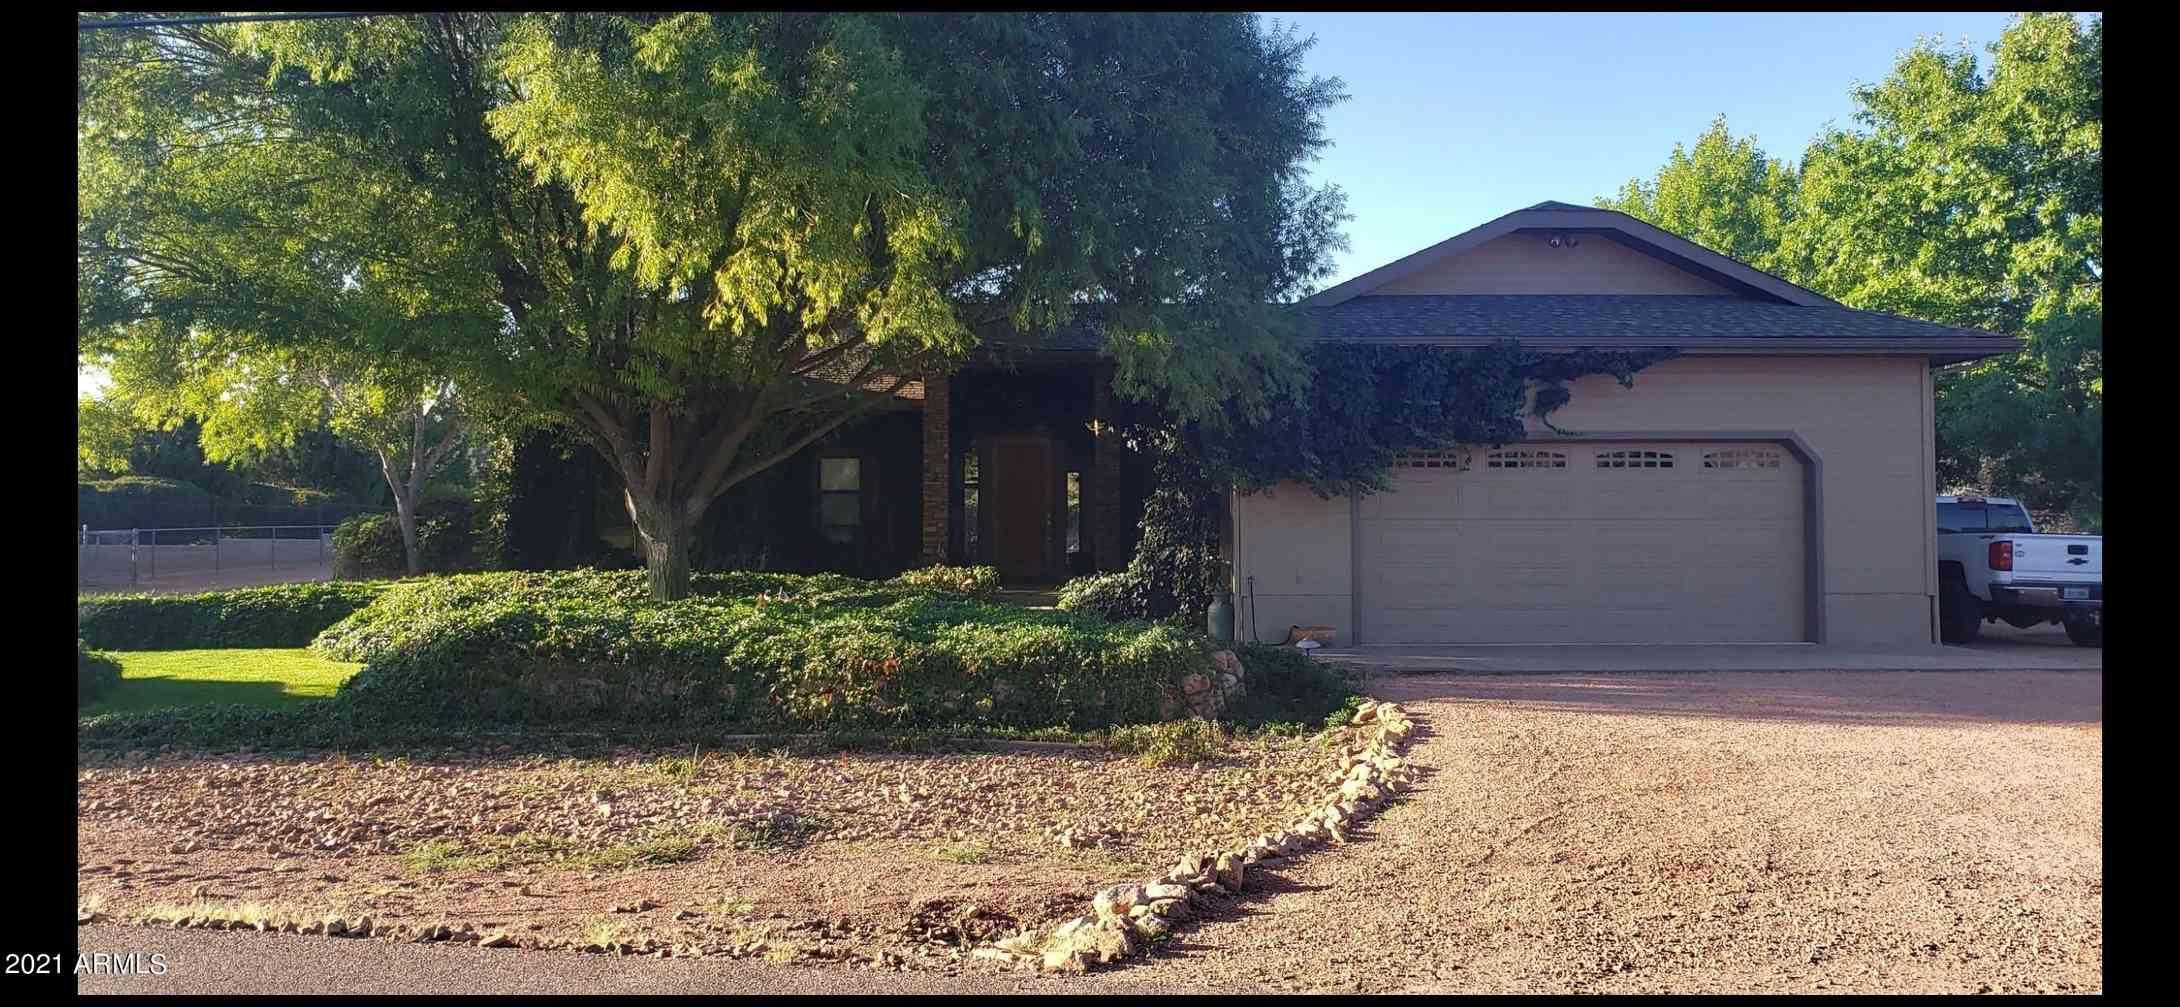 509 W OXBOW Trail, Payson, AZ, 85541,